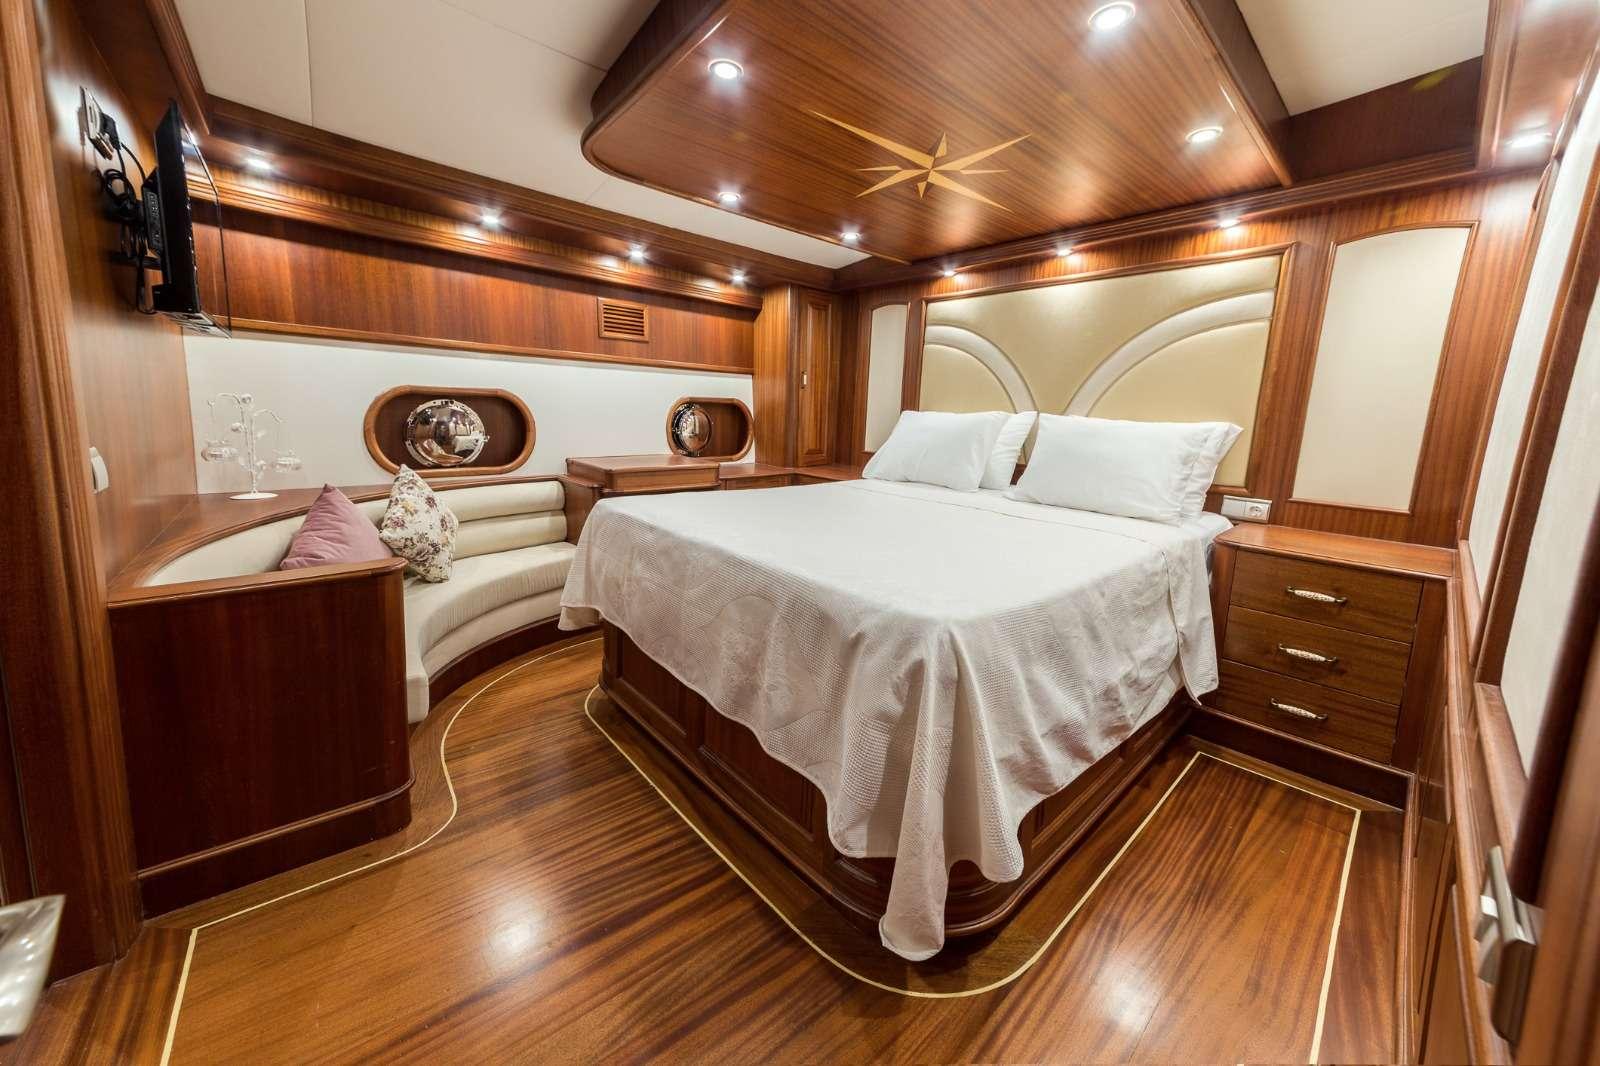 HALCON DEL MAR yacht image # 15